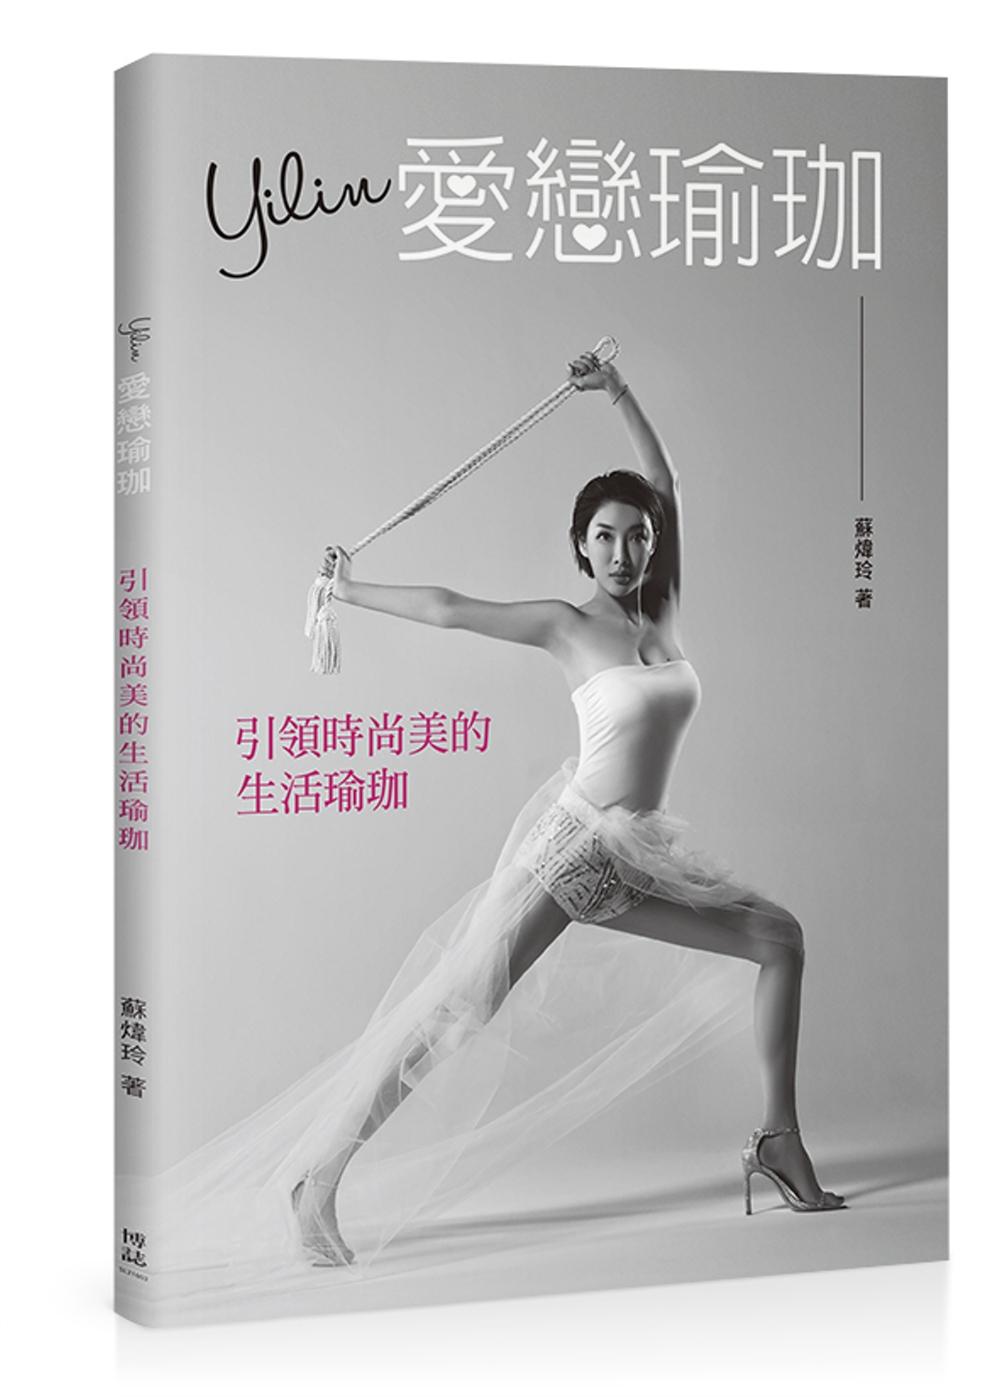 Yilin愛戀瑜珈:引領 美的 瑜珈